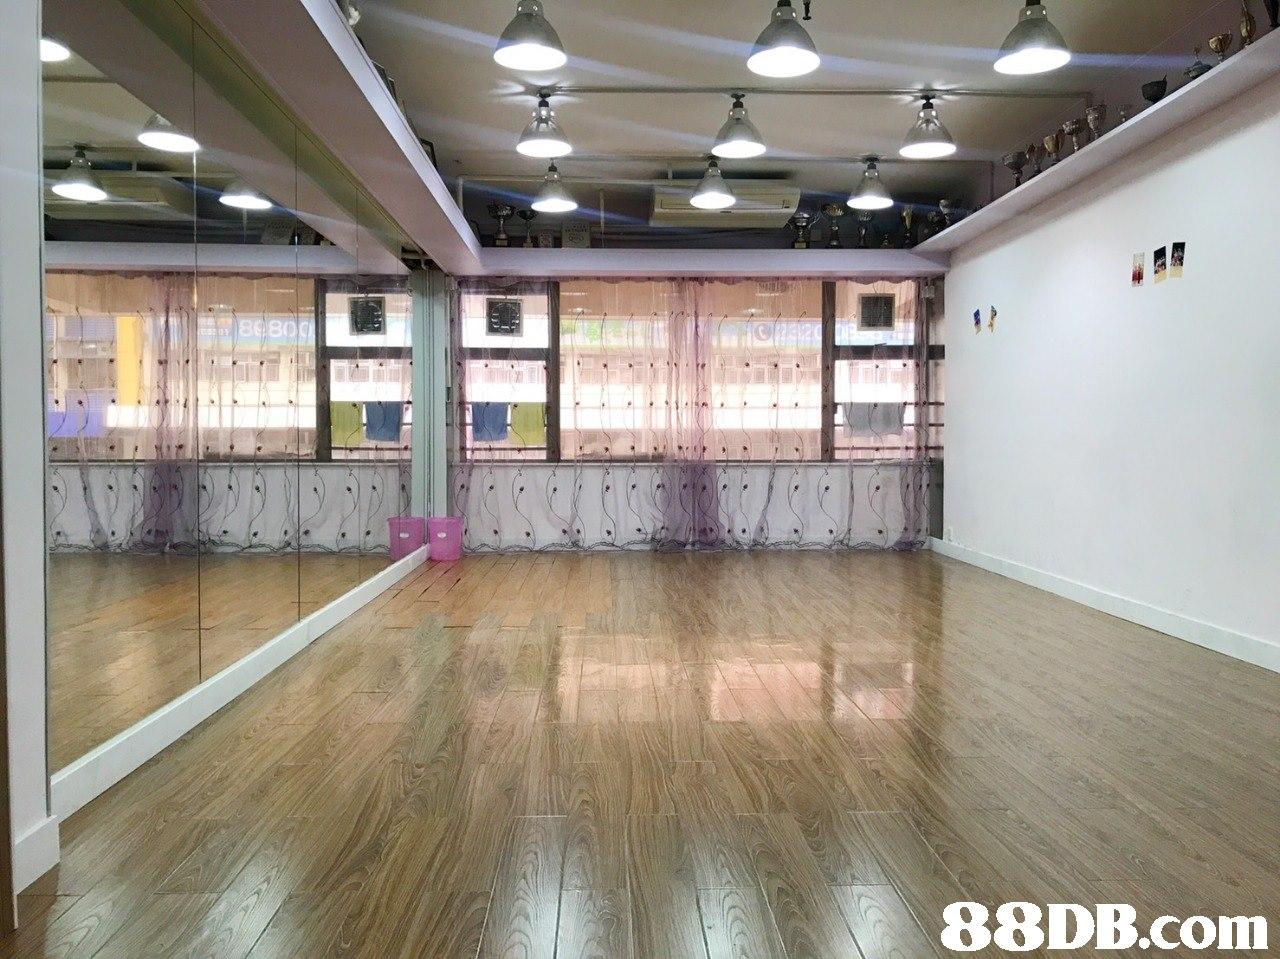 Property,Floor,Building,Flooring,Room